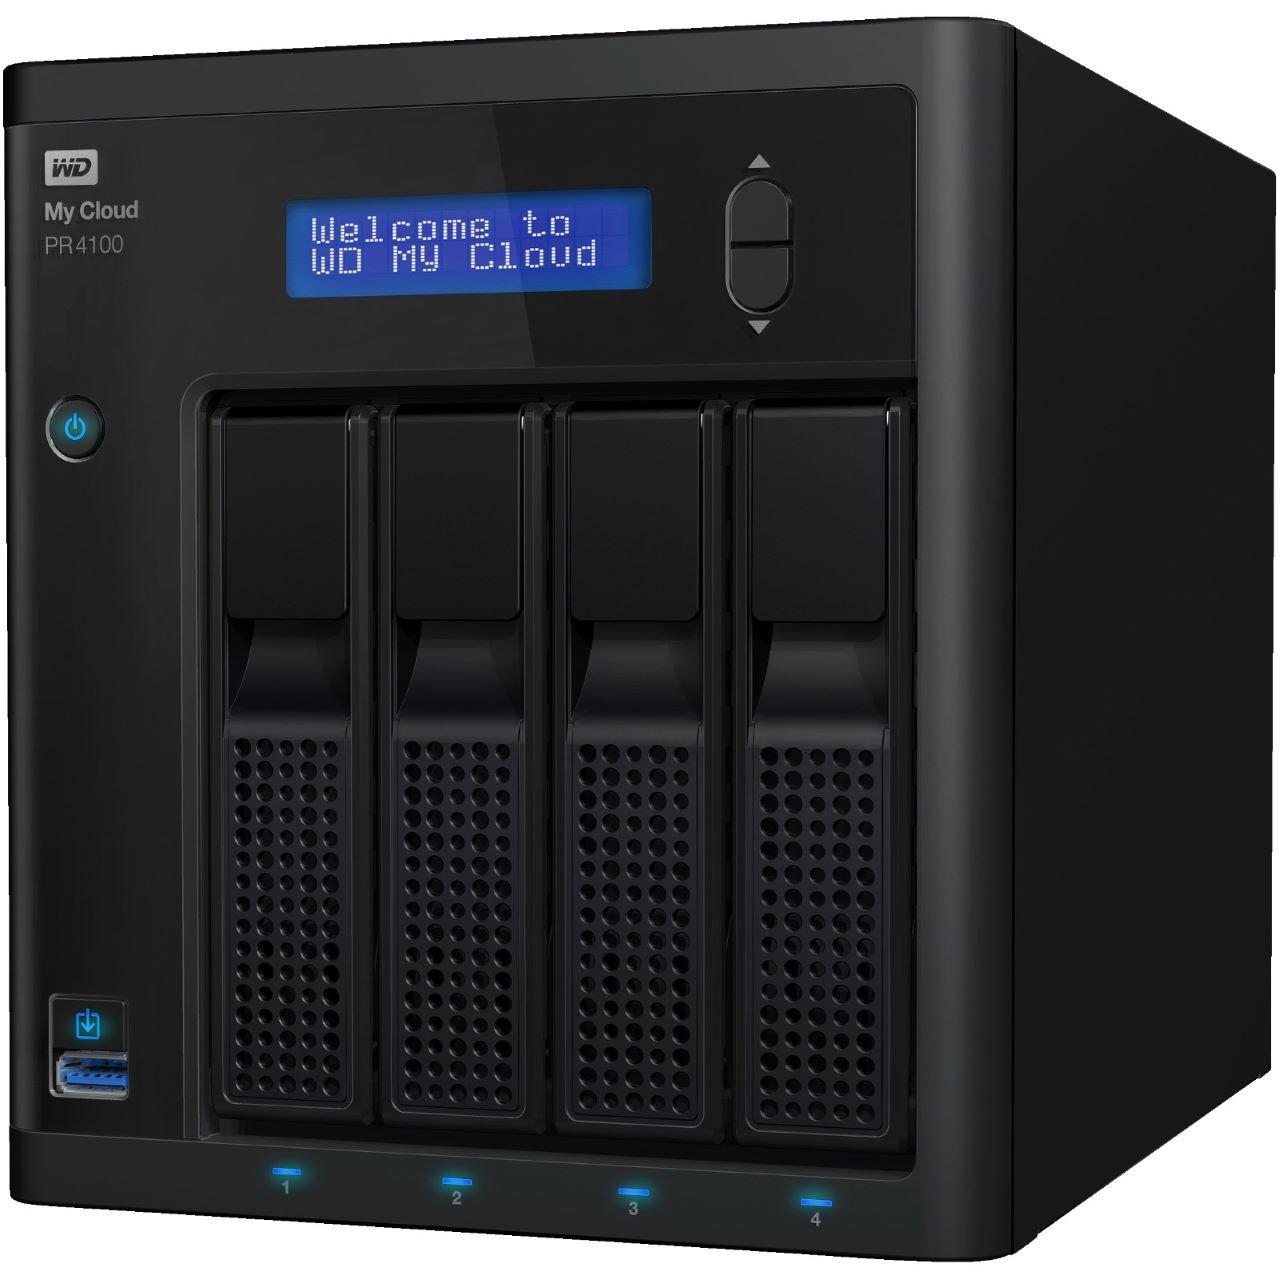 WD Western Digital My Cloud PR4100 24 TB WDBNFA0240KBK-EESN